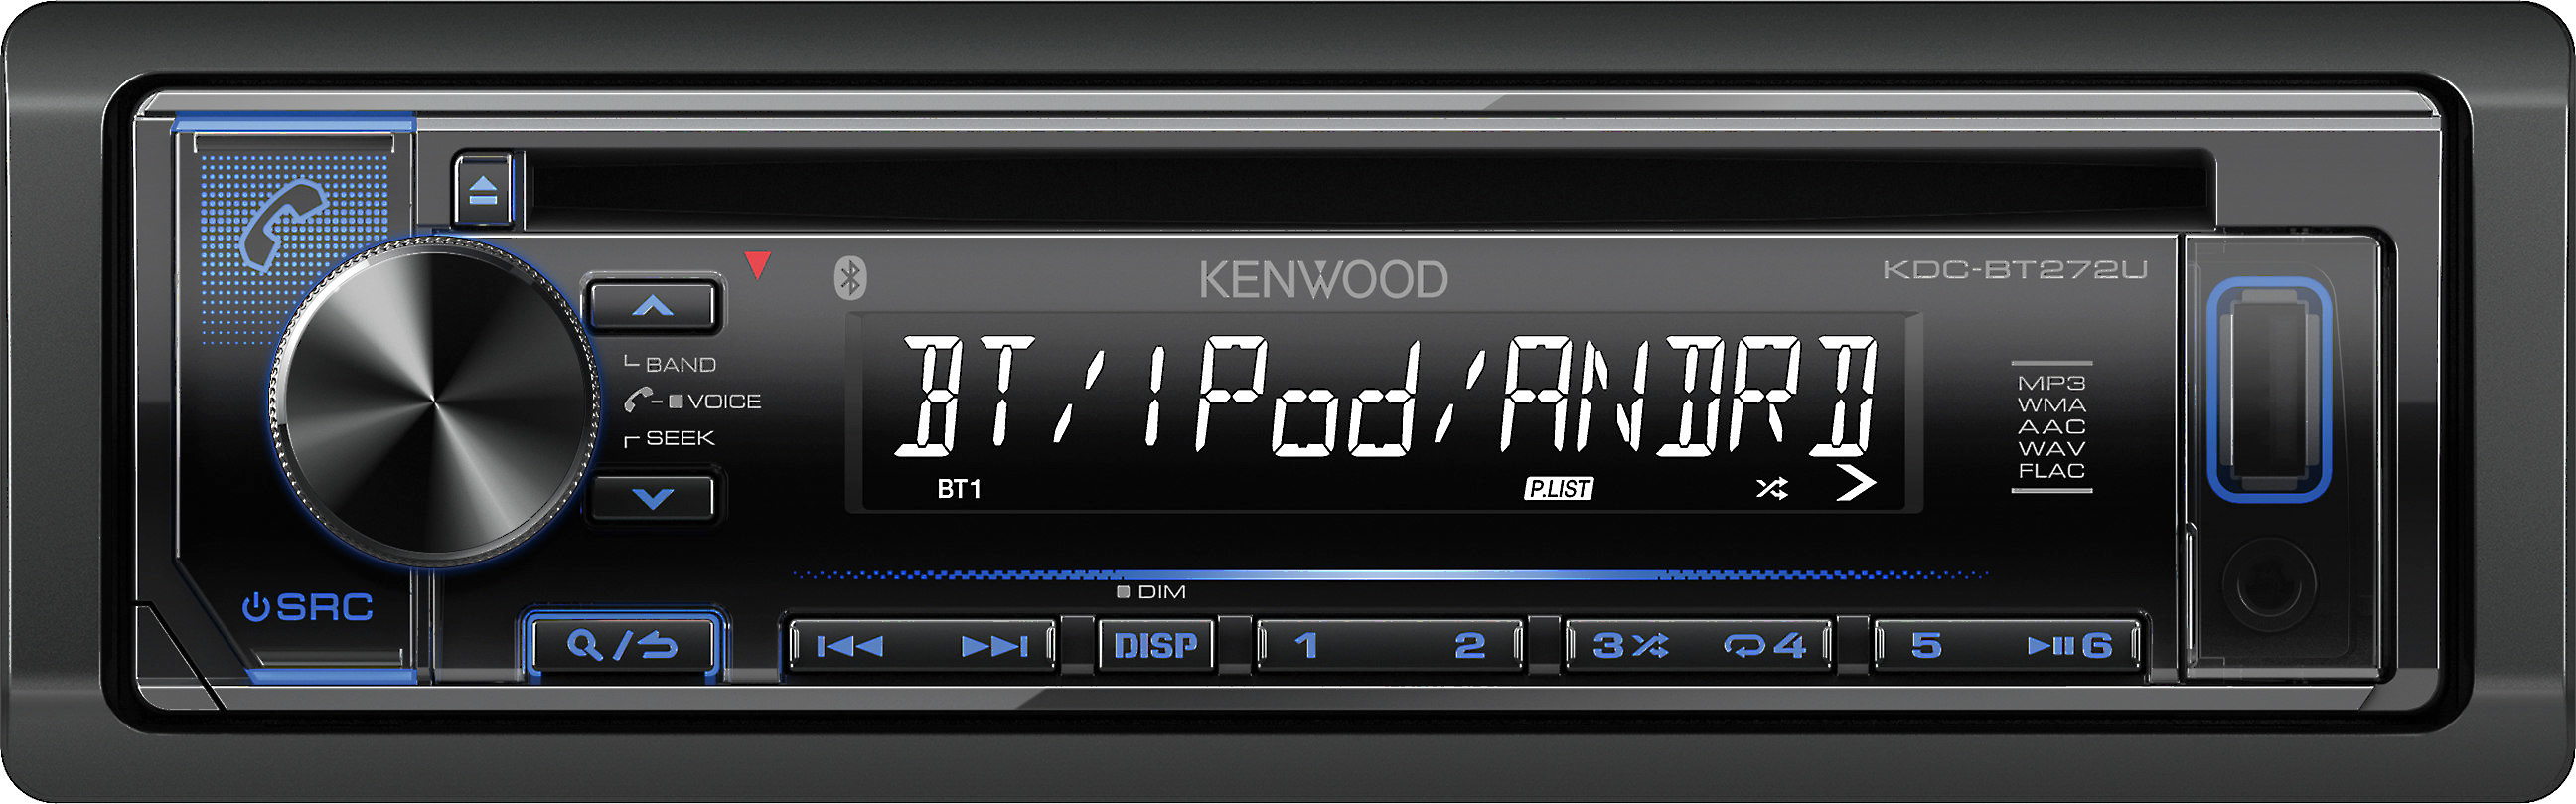 Kenwood Car Stereo Wiring Diagram Bt272u on